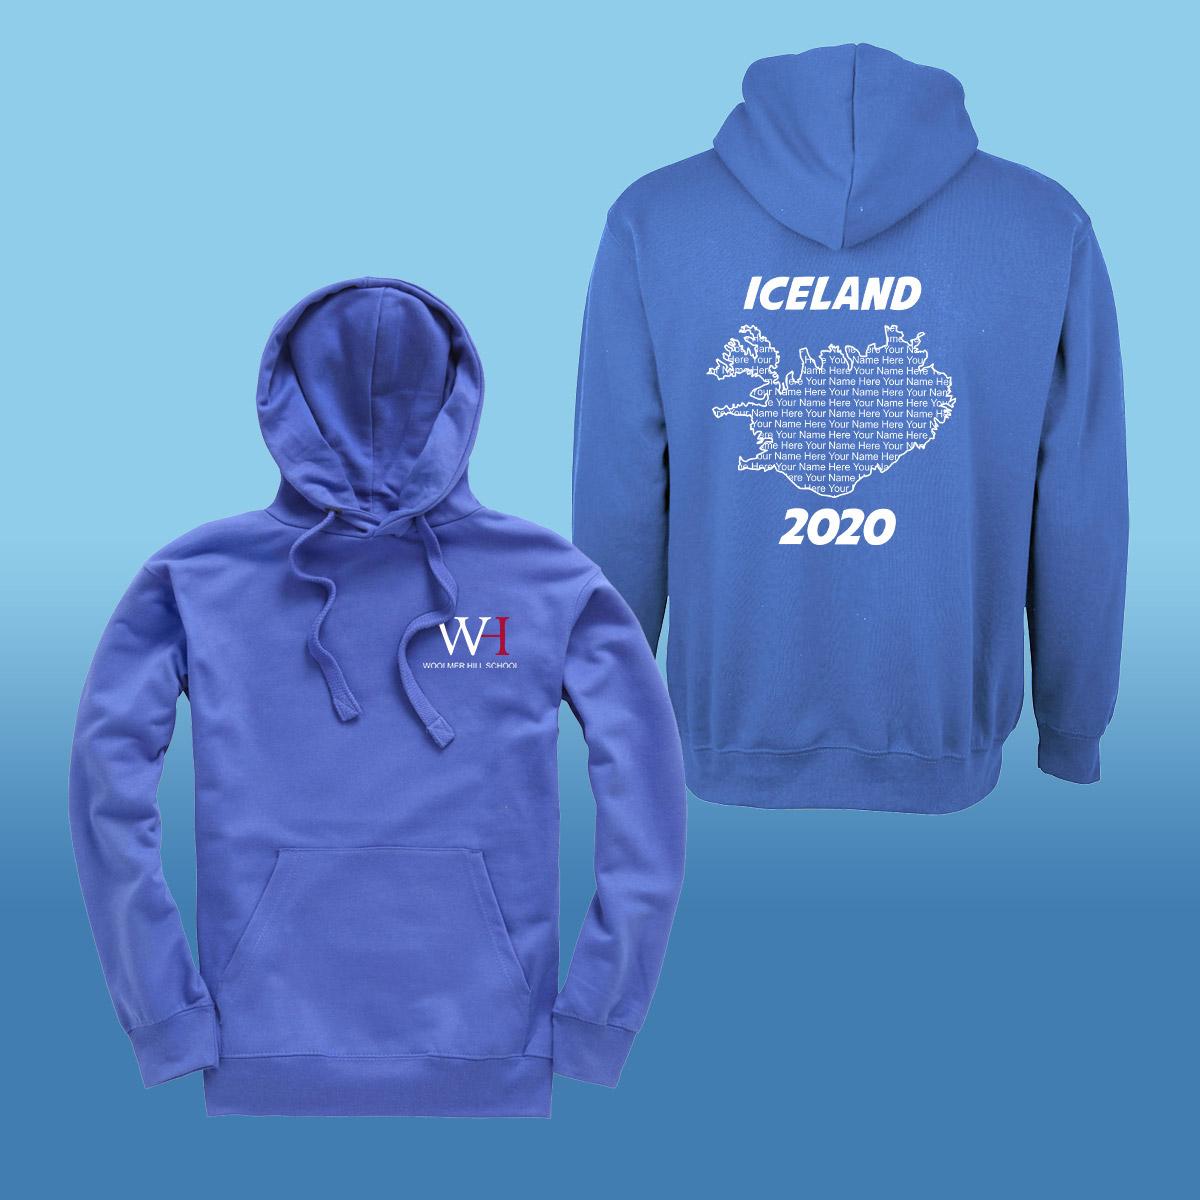 Woolmer School Iceland Trip Hoodies